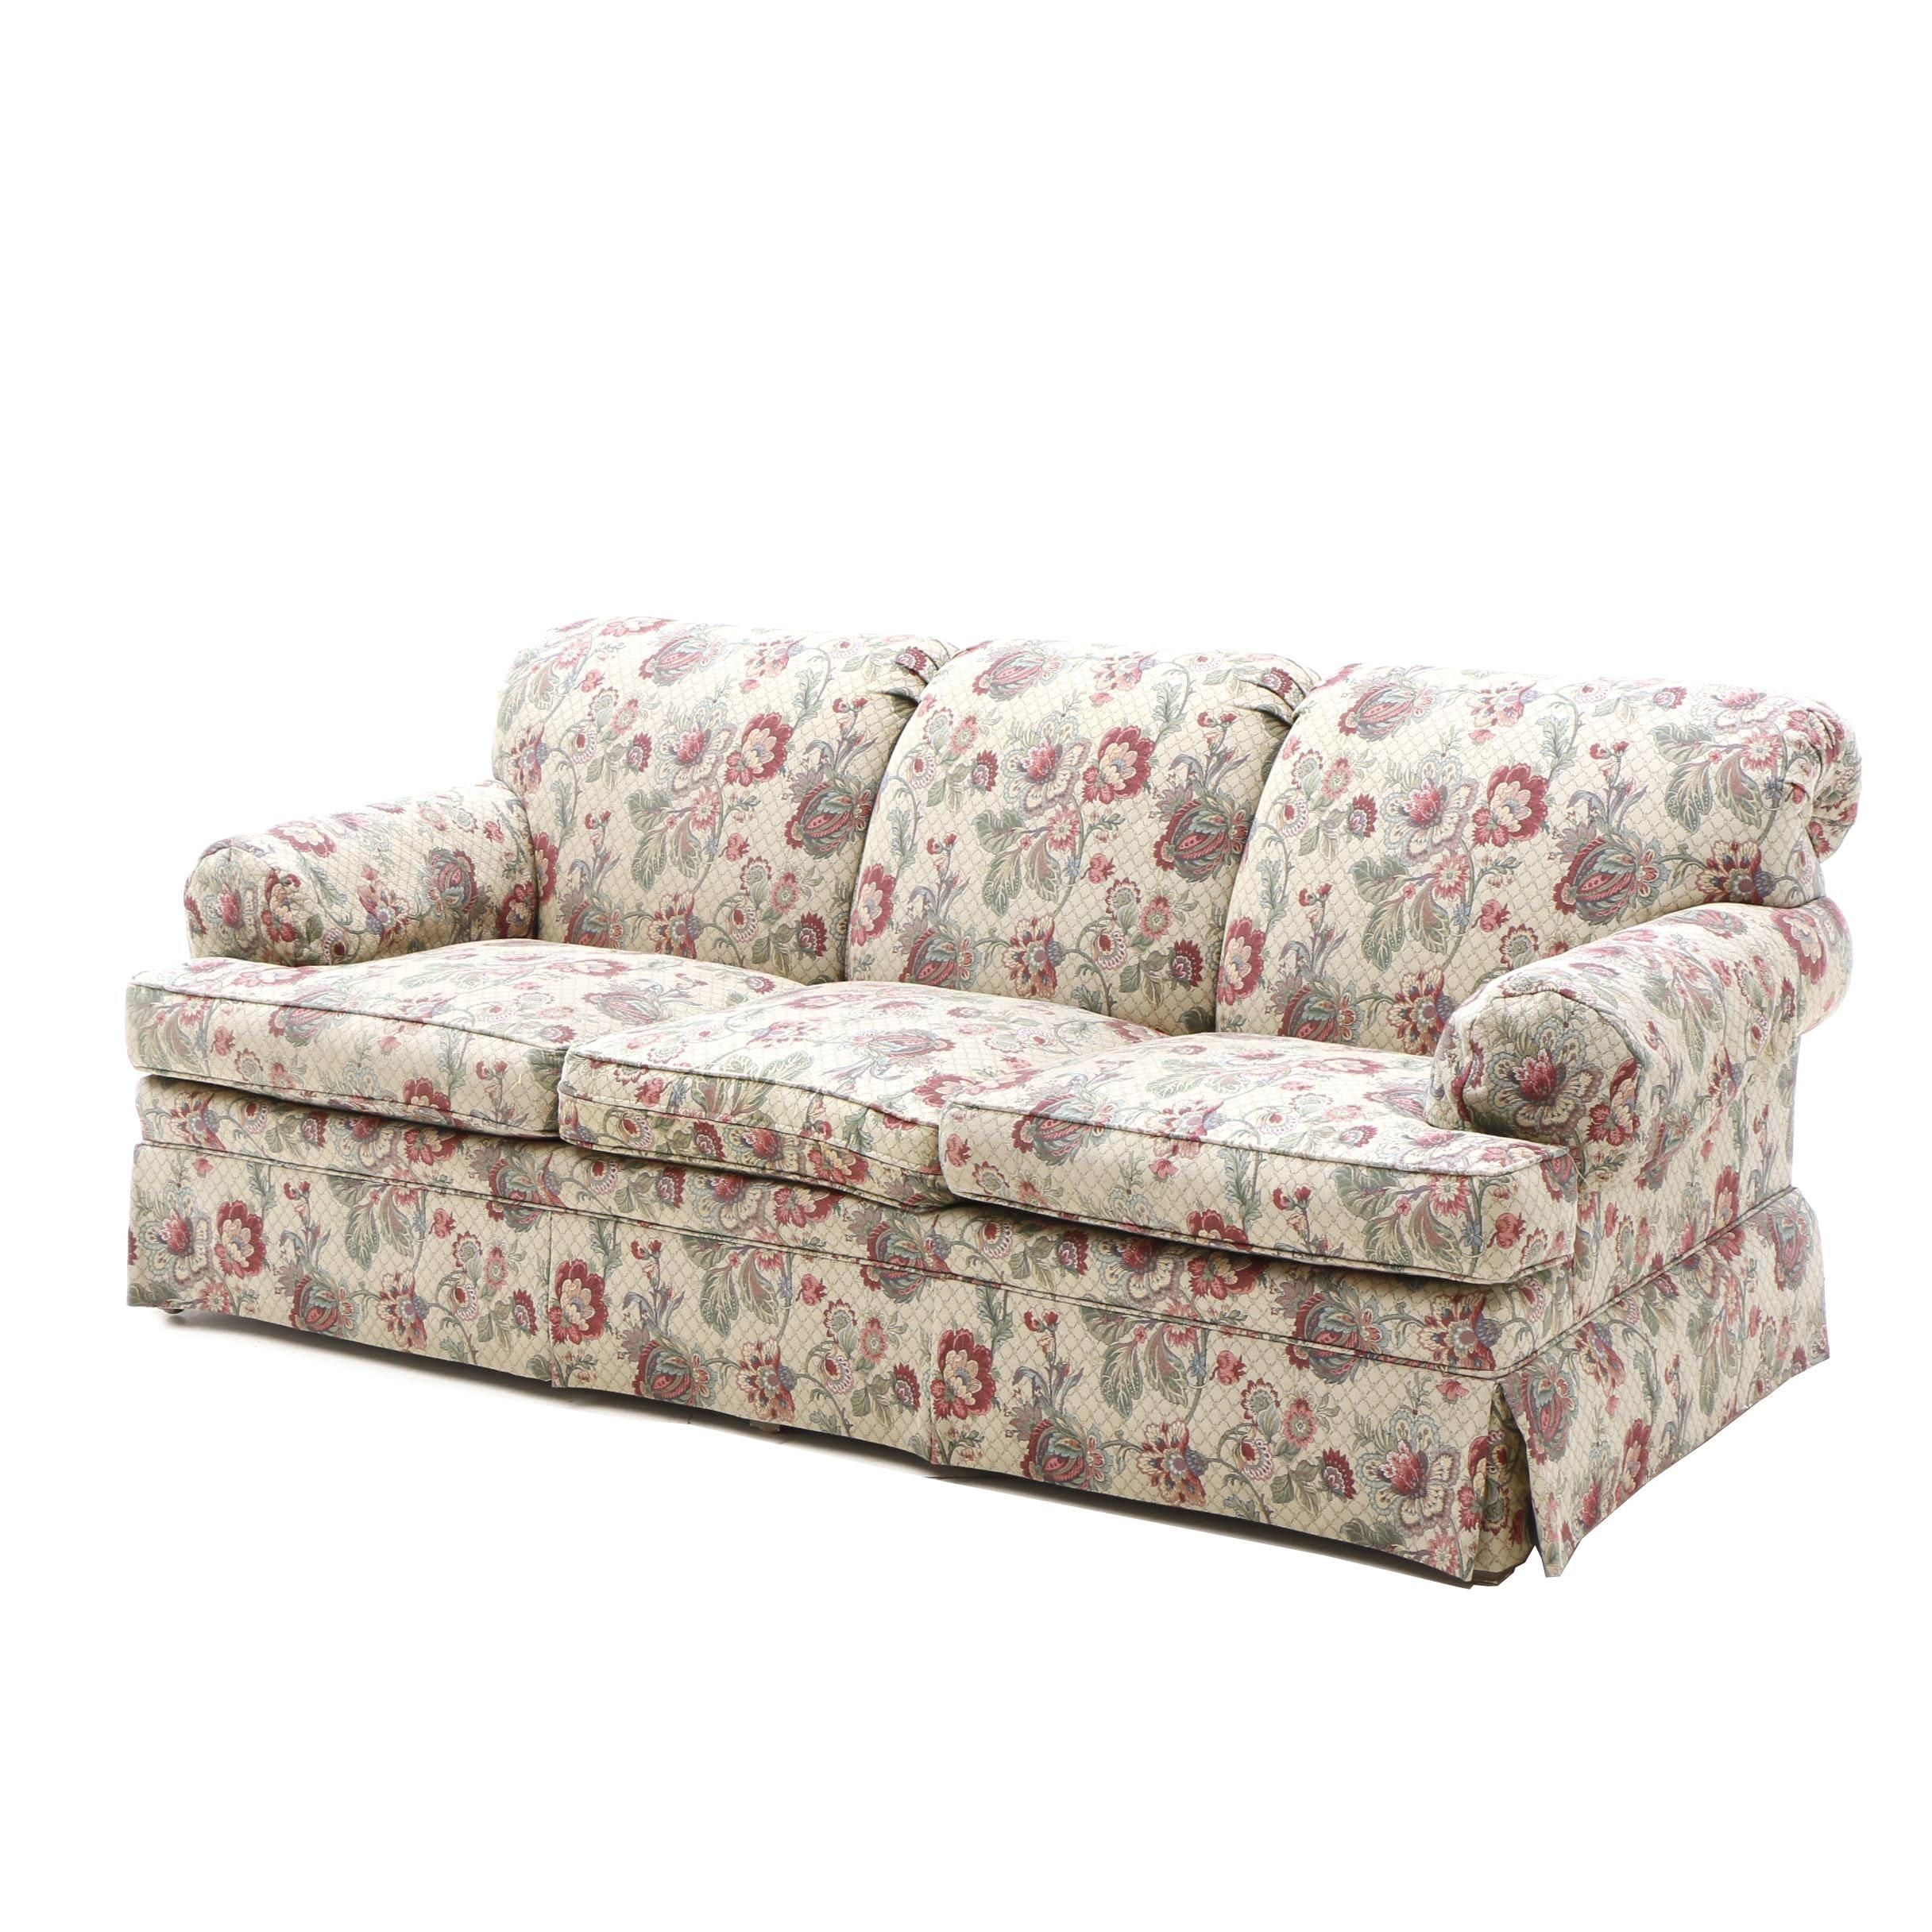 Ethan Allen Floral Upholstered Sofa ...